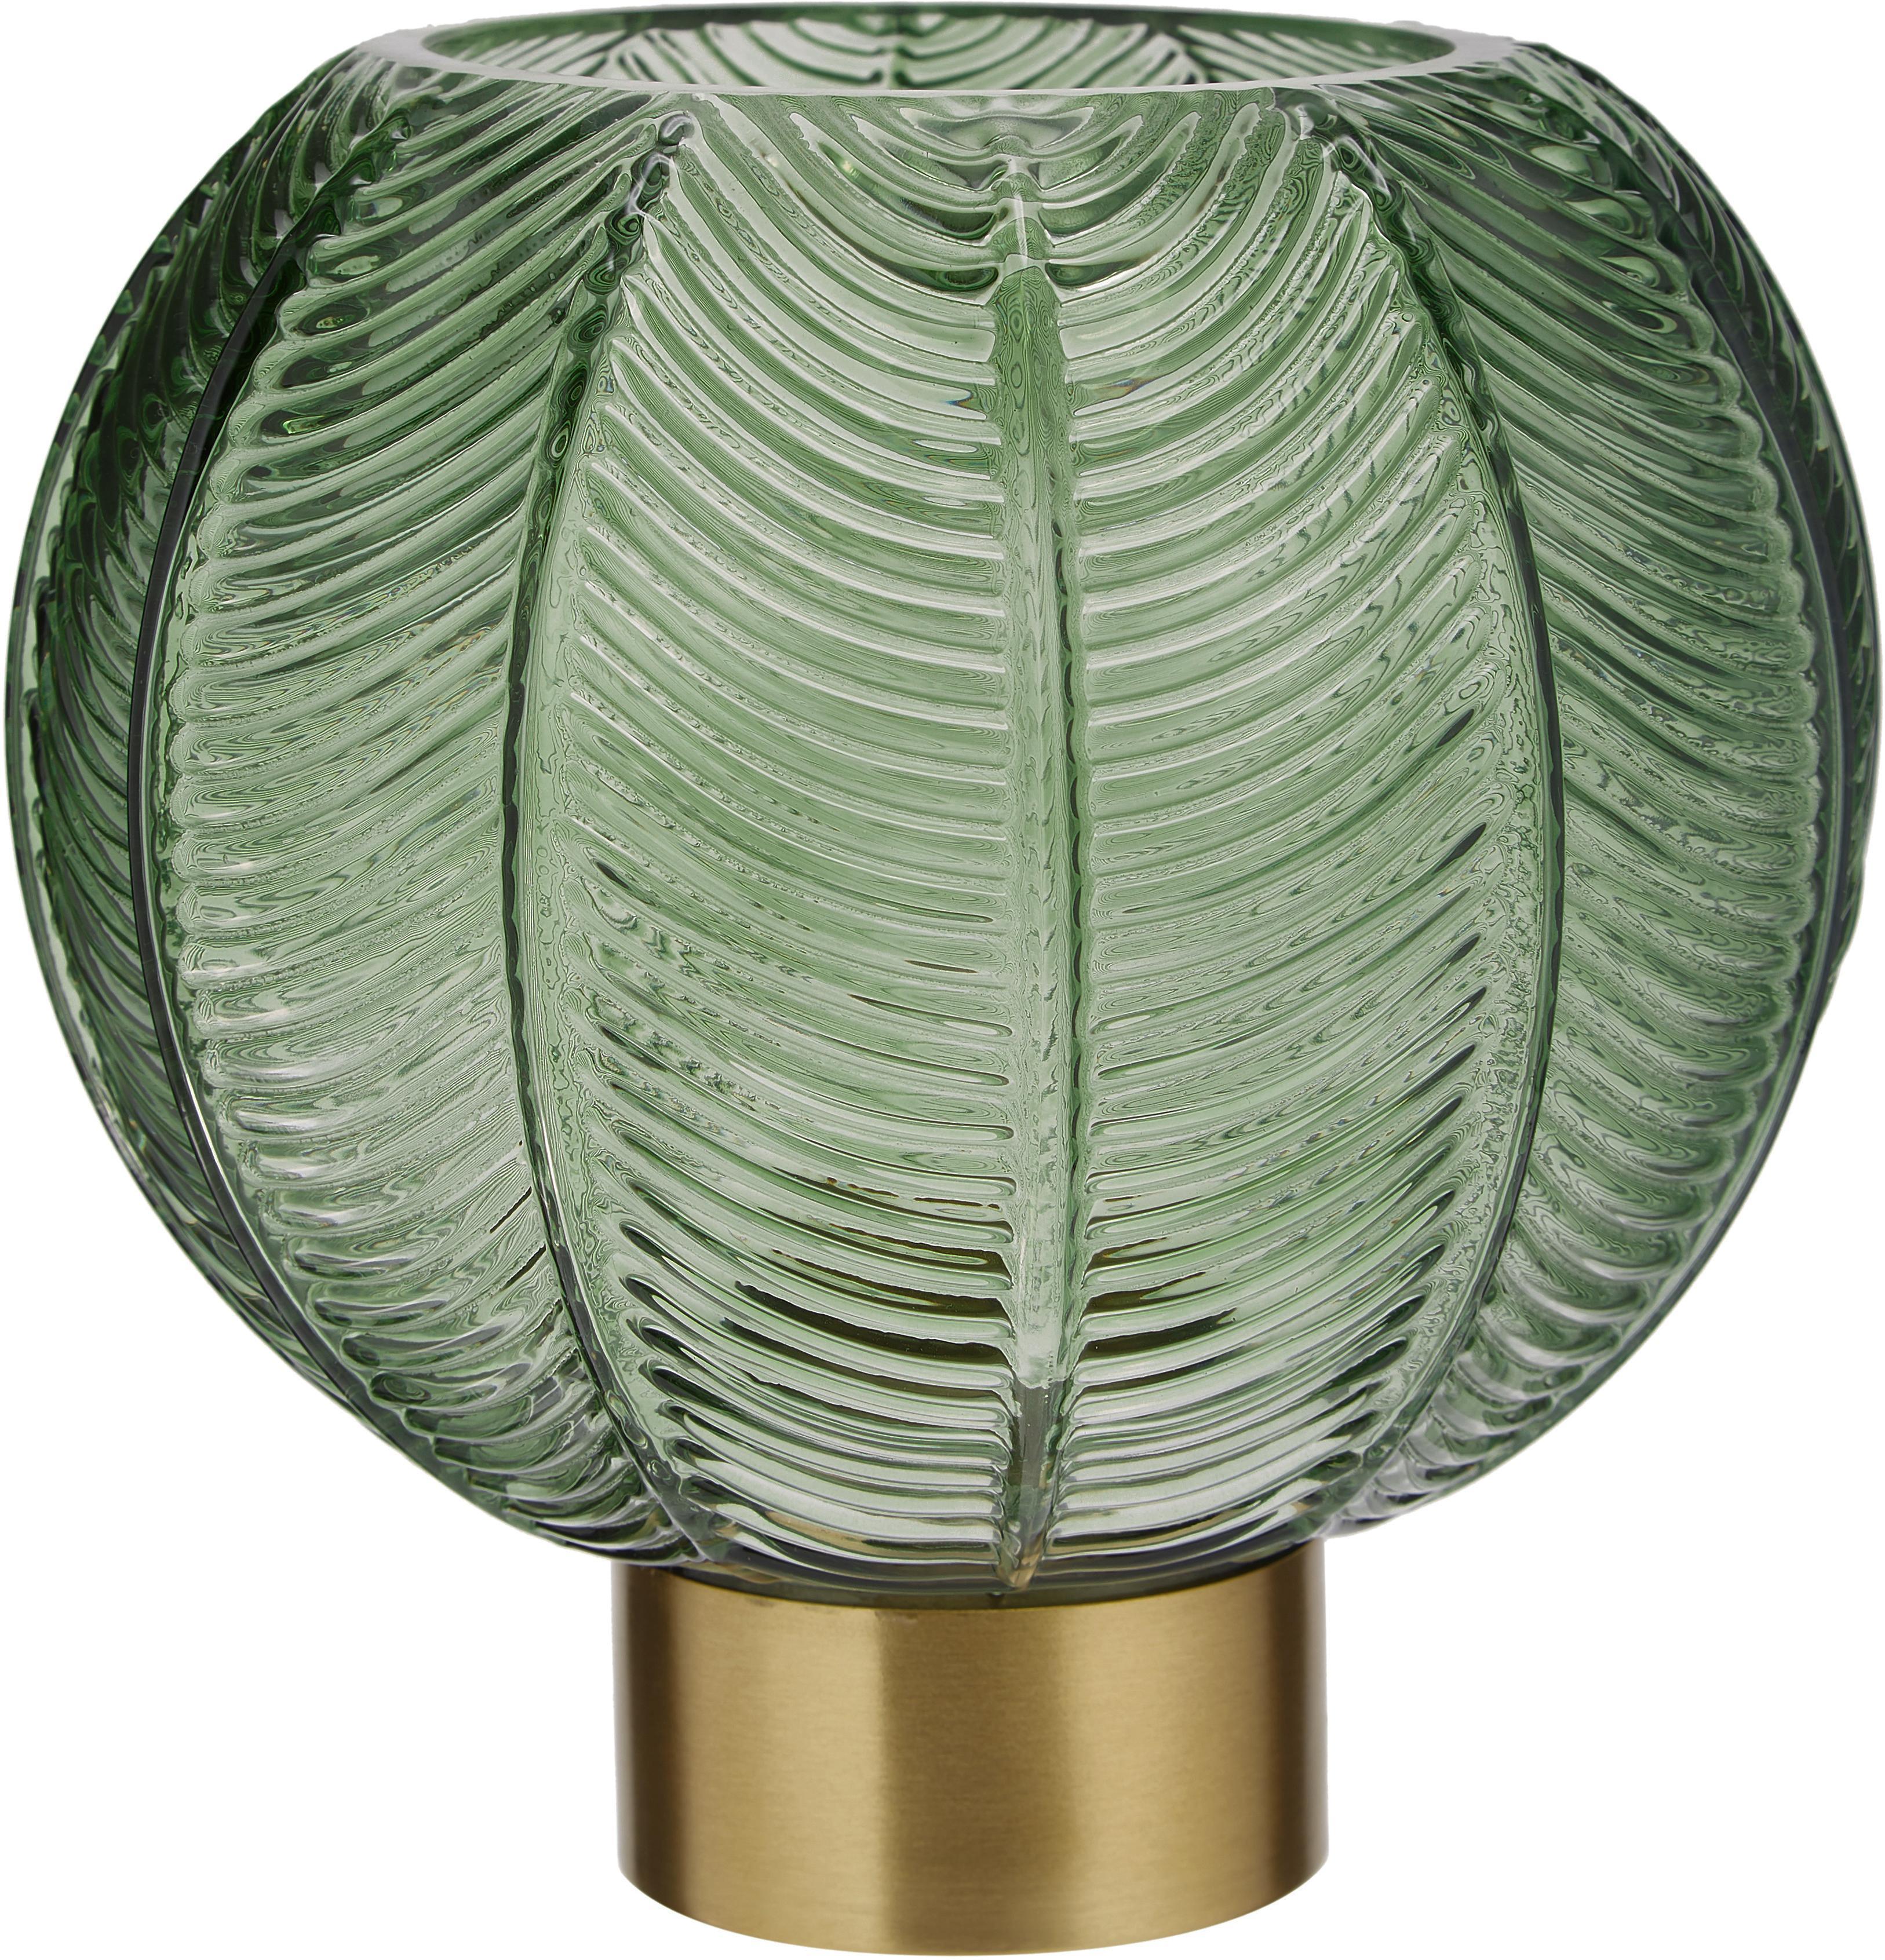 Jarrón de vidrio Mickey, Jarrón: vidrio, Jarrón: verde, transparente Base: latón, Ø 20 x Al 21 cm